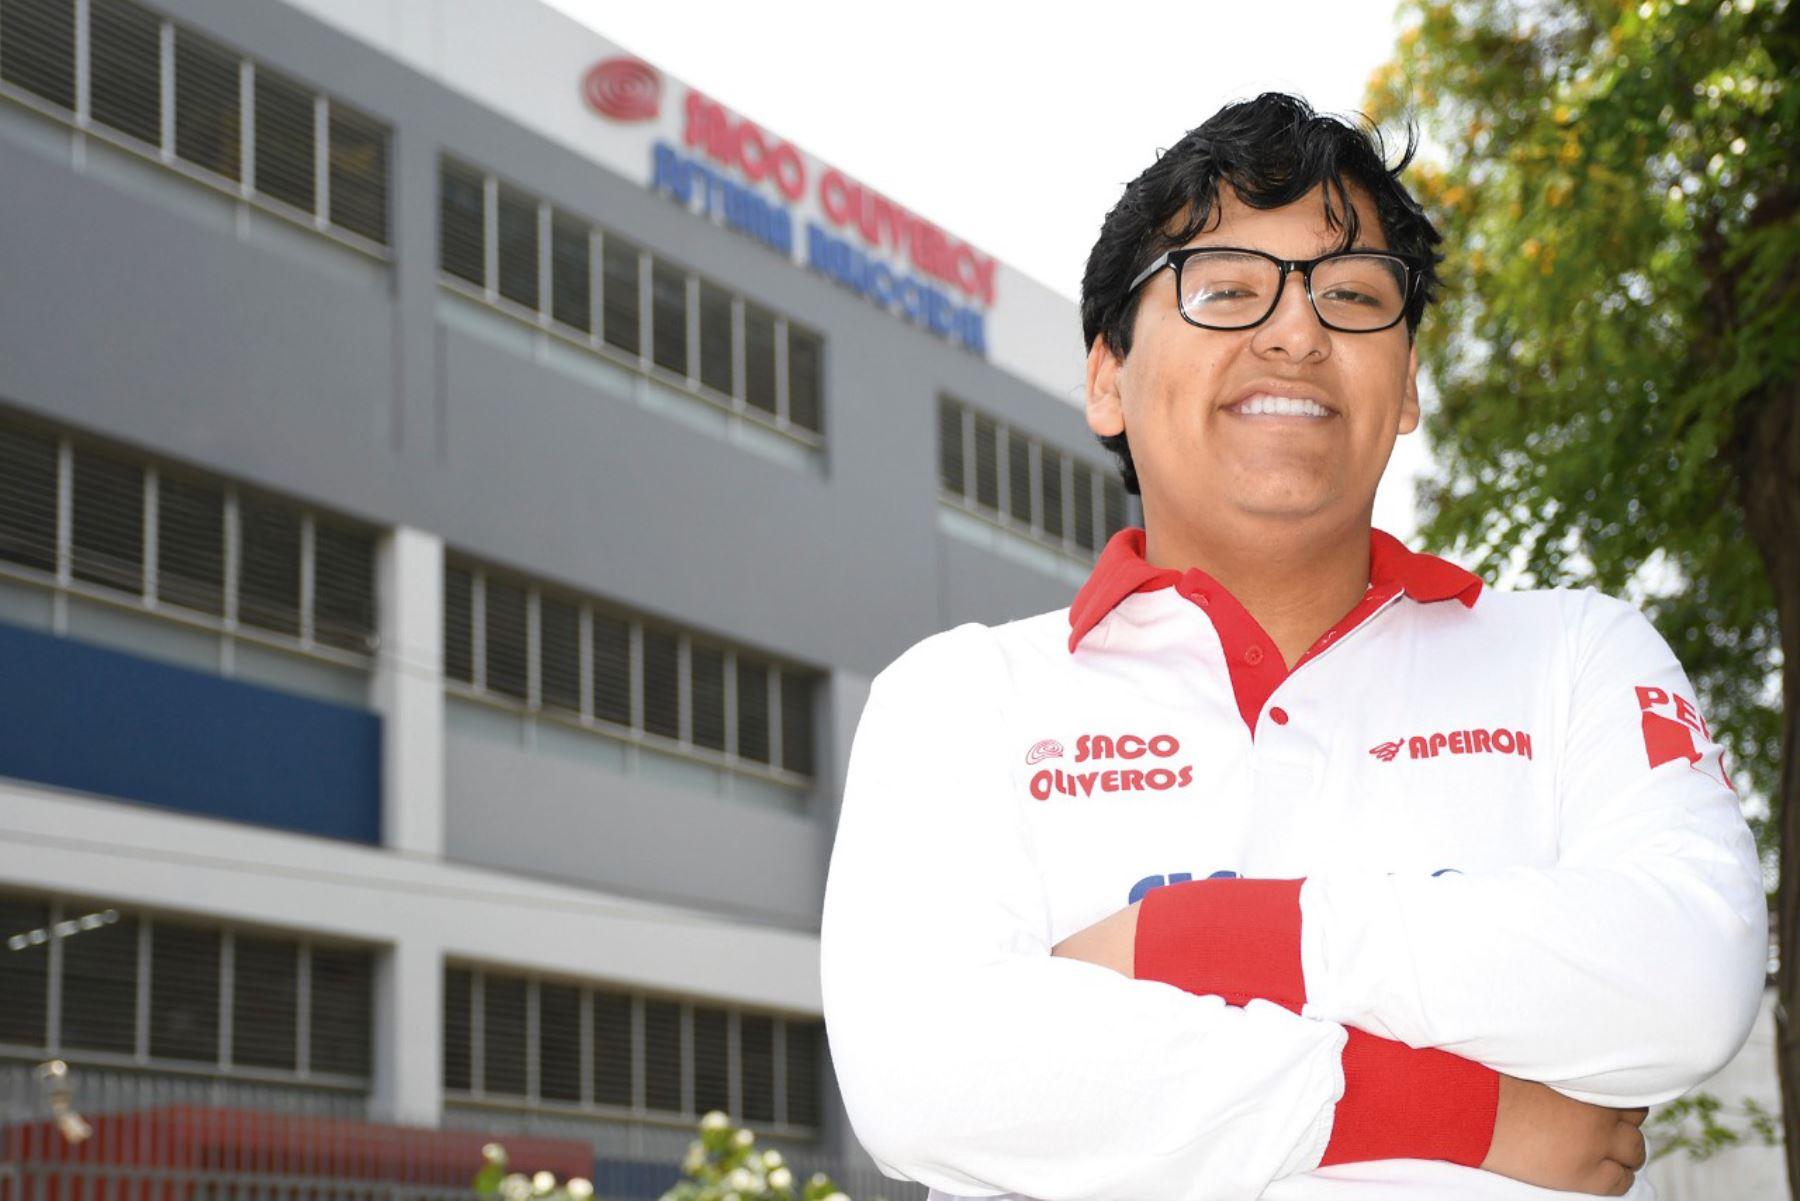 Franco Ramírez Arango ocupó el primer puesto en el cómputo general en el Examen de Admisión UNI 2020- I. Anteriormente, hizo lo mismo en San Marcos y Callao.Foto: Saco Oliveros